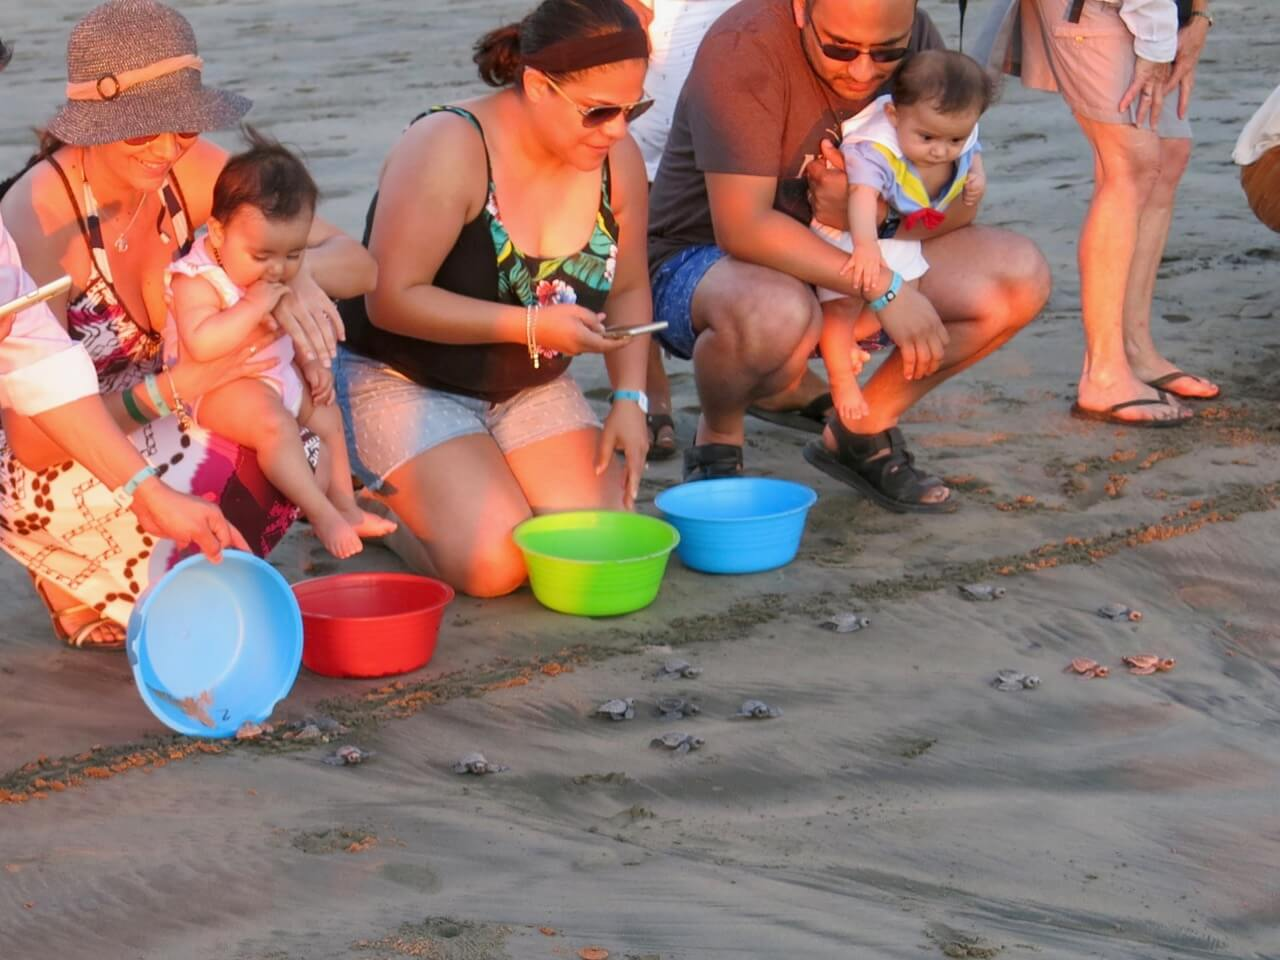 Le public participe à libérer les tortues près de l'océan après leur éclosion pour favoriser leur survie.